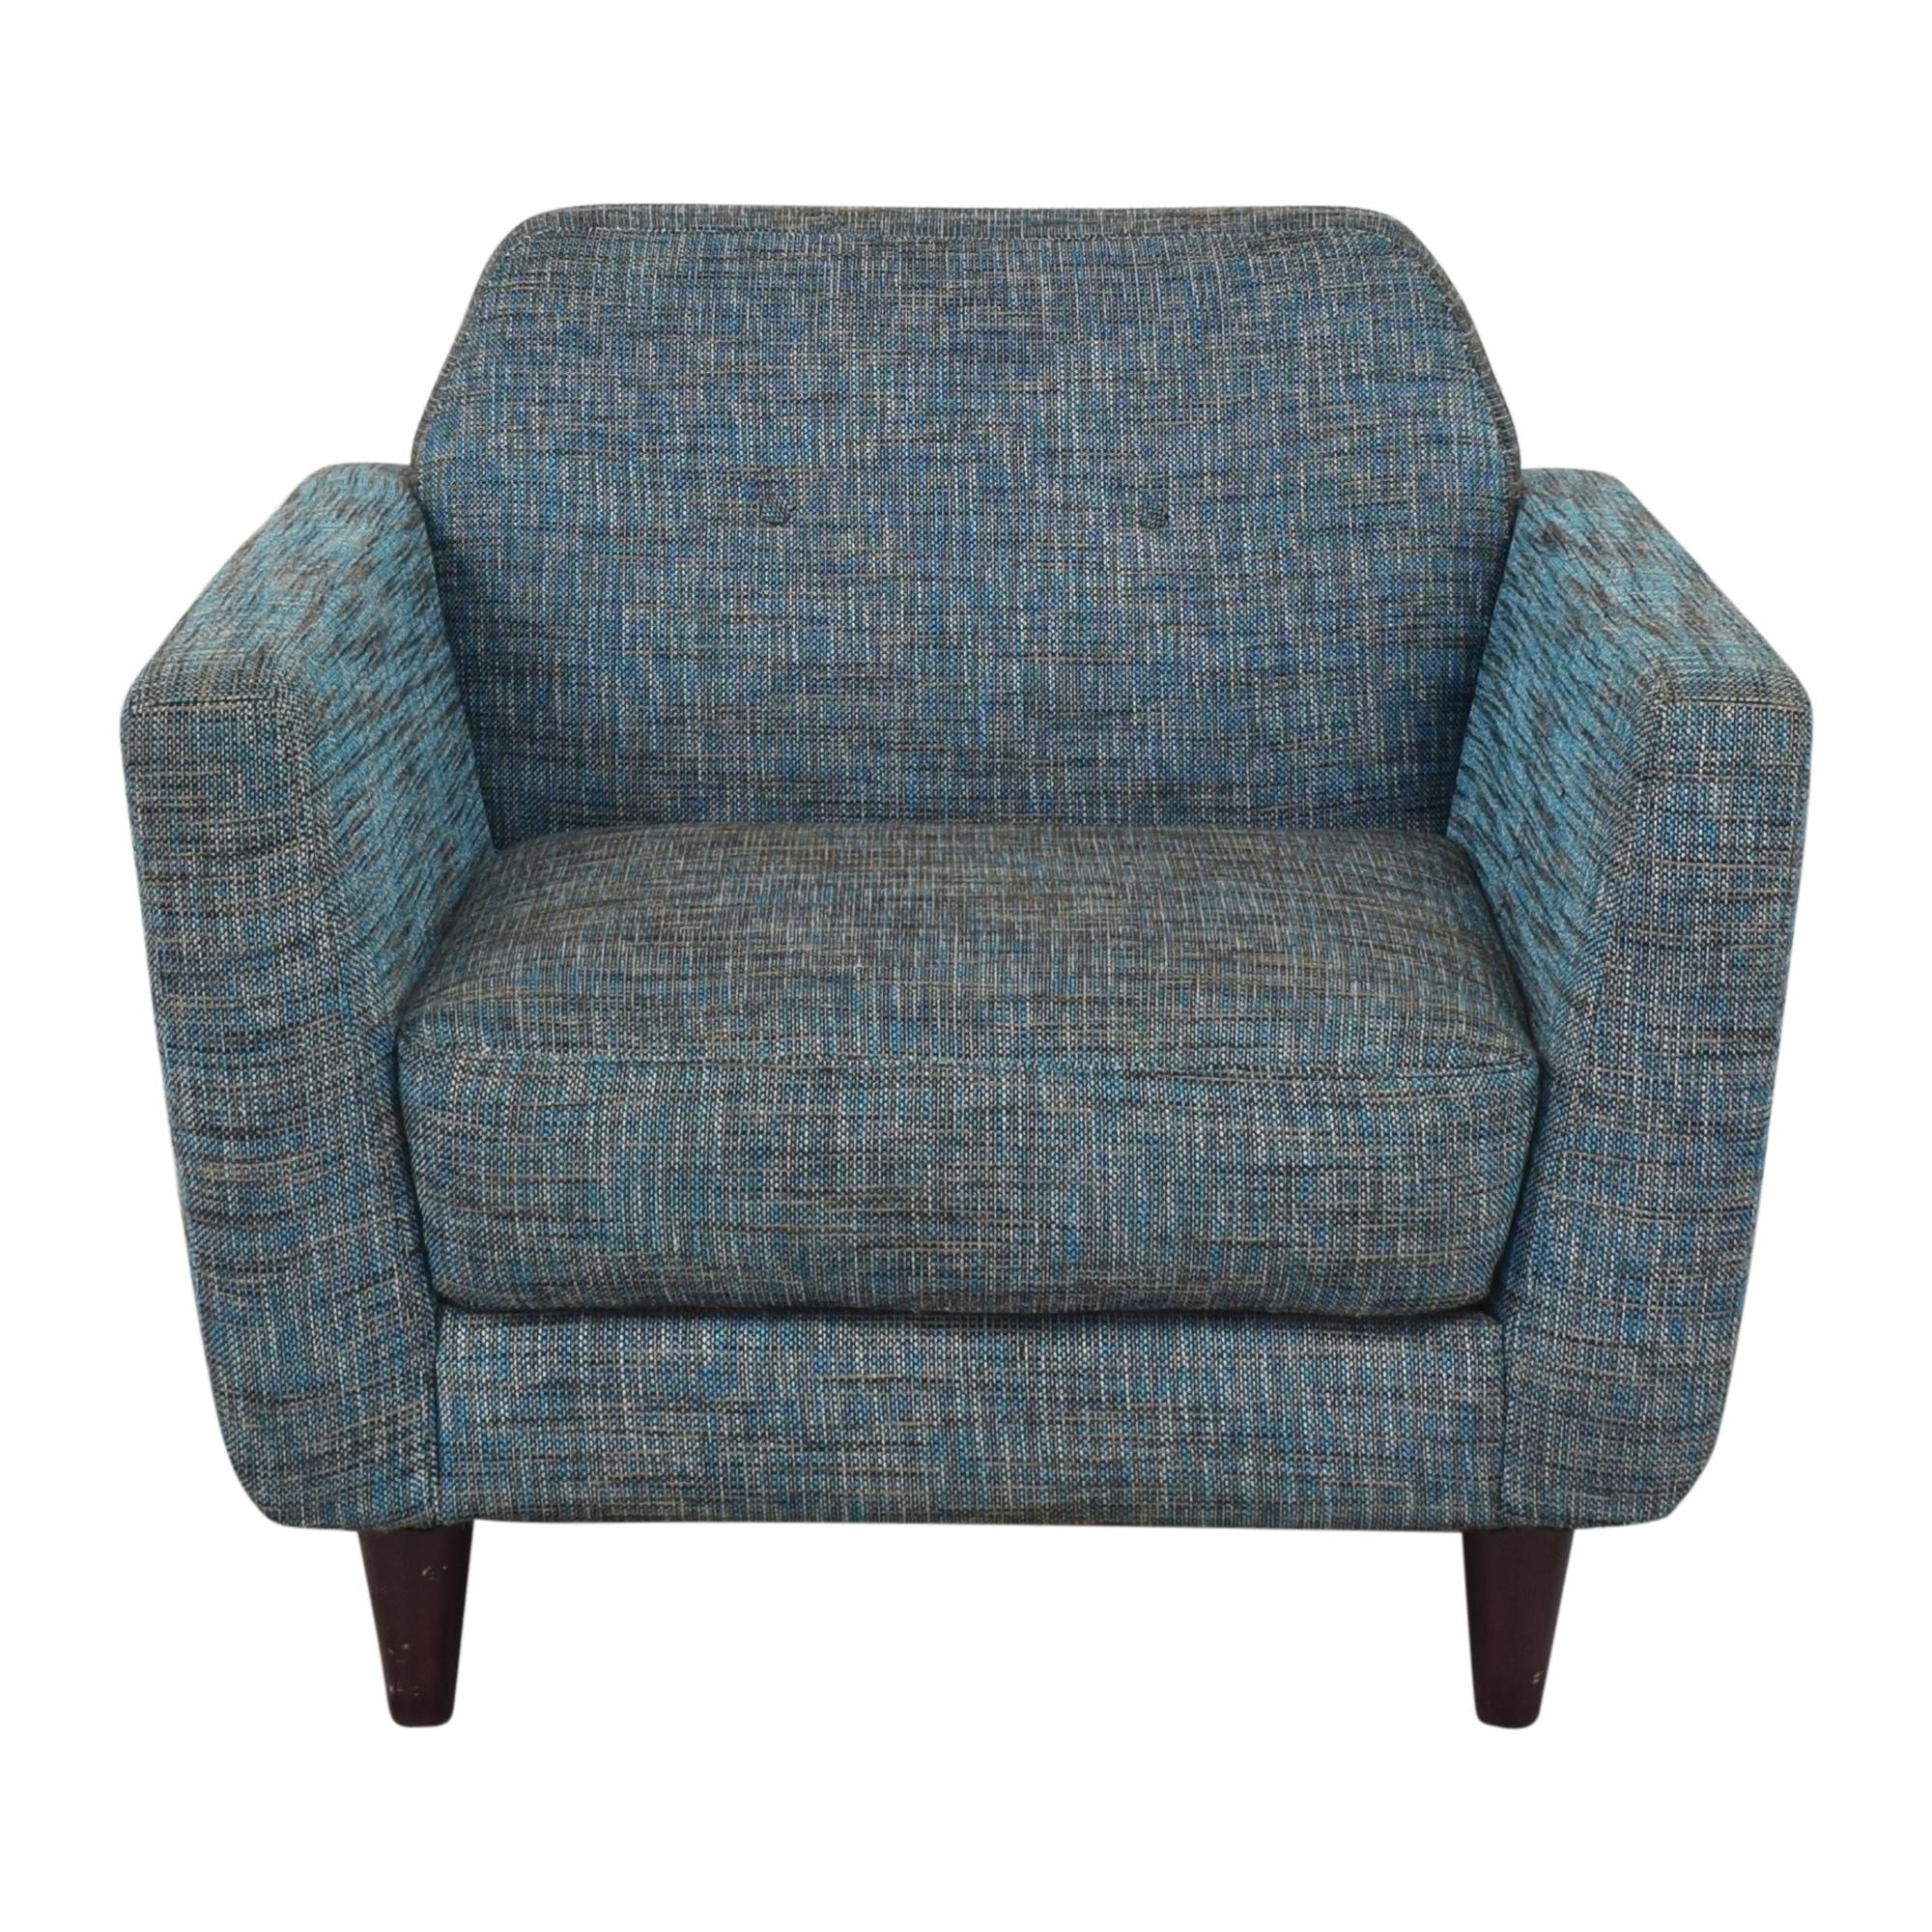 Macy's Macy's Chair & A Half Armchair ma